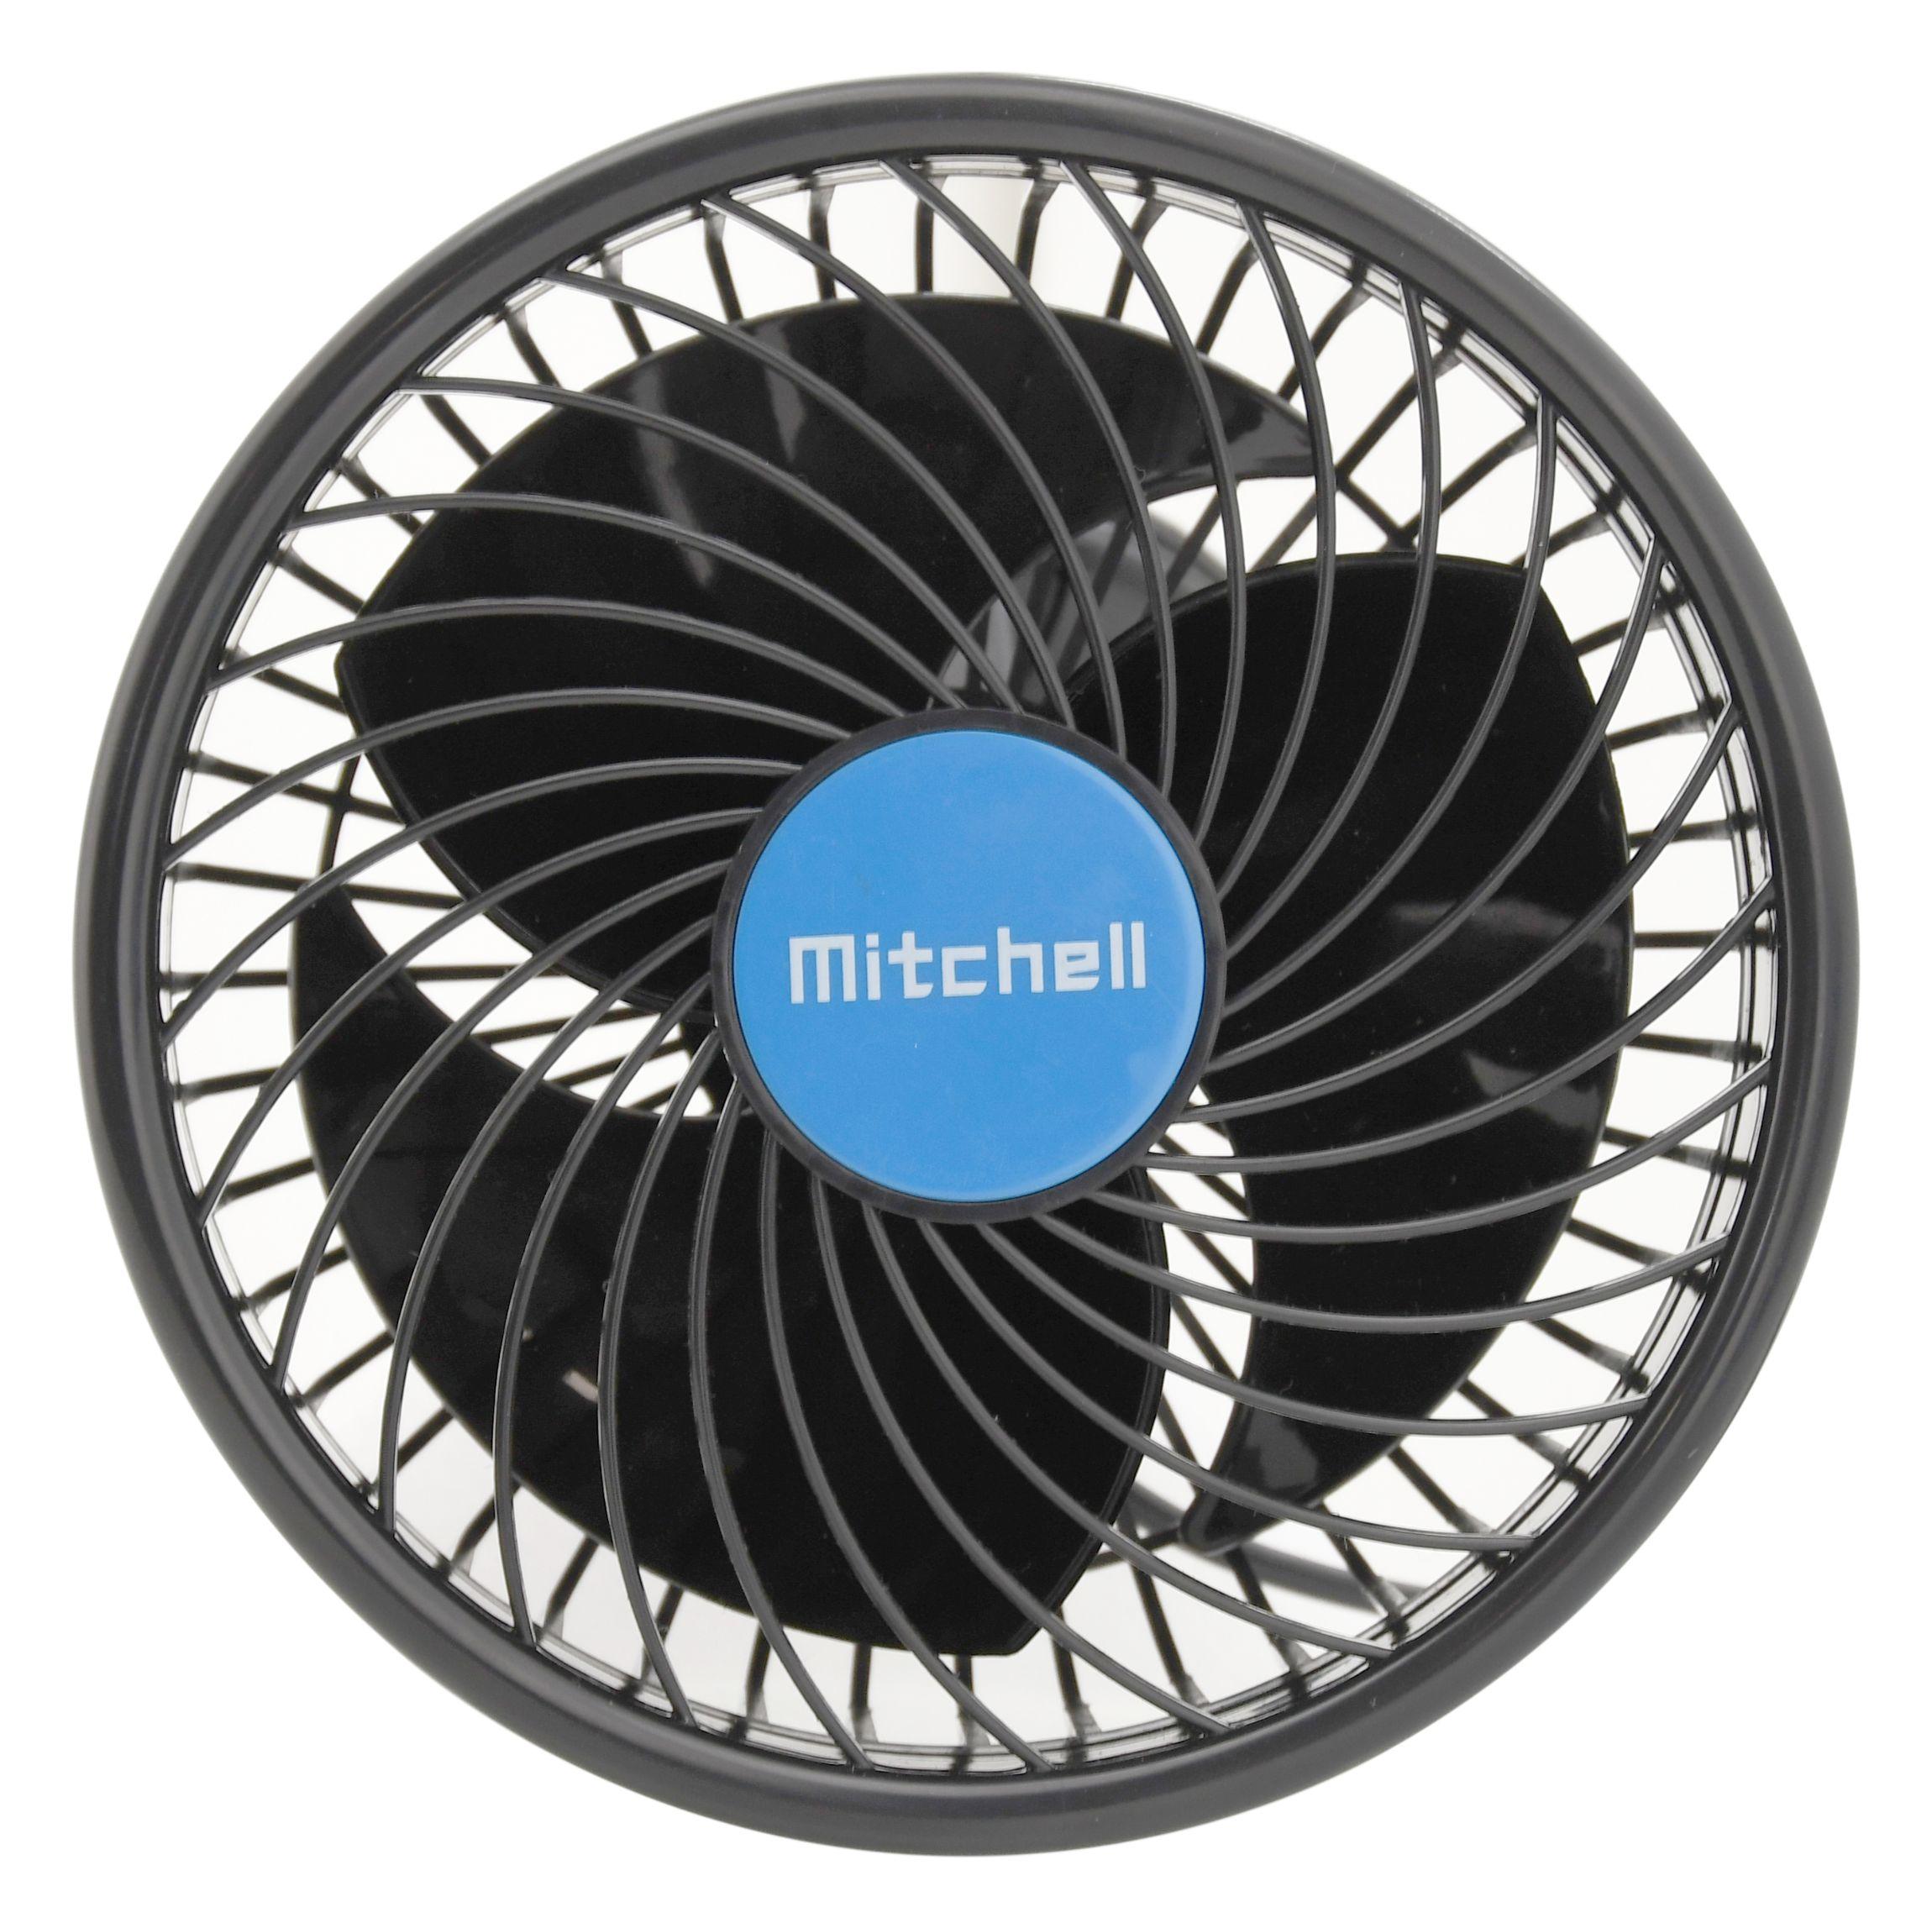 cc6021d51 Ventilátor MITCHELL 150mm 12V na přísavku. prev. next. prev